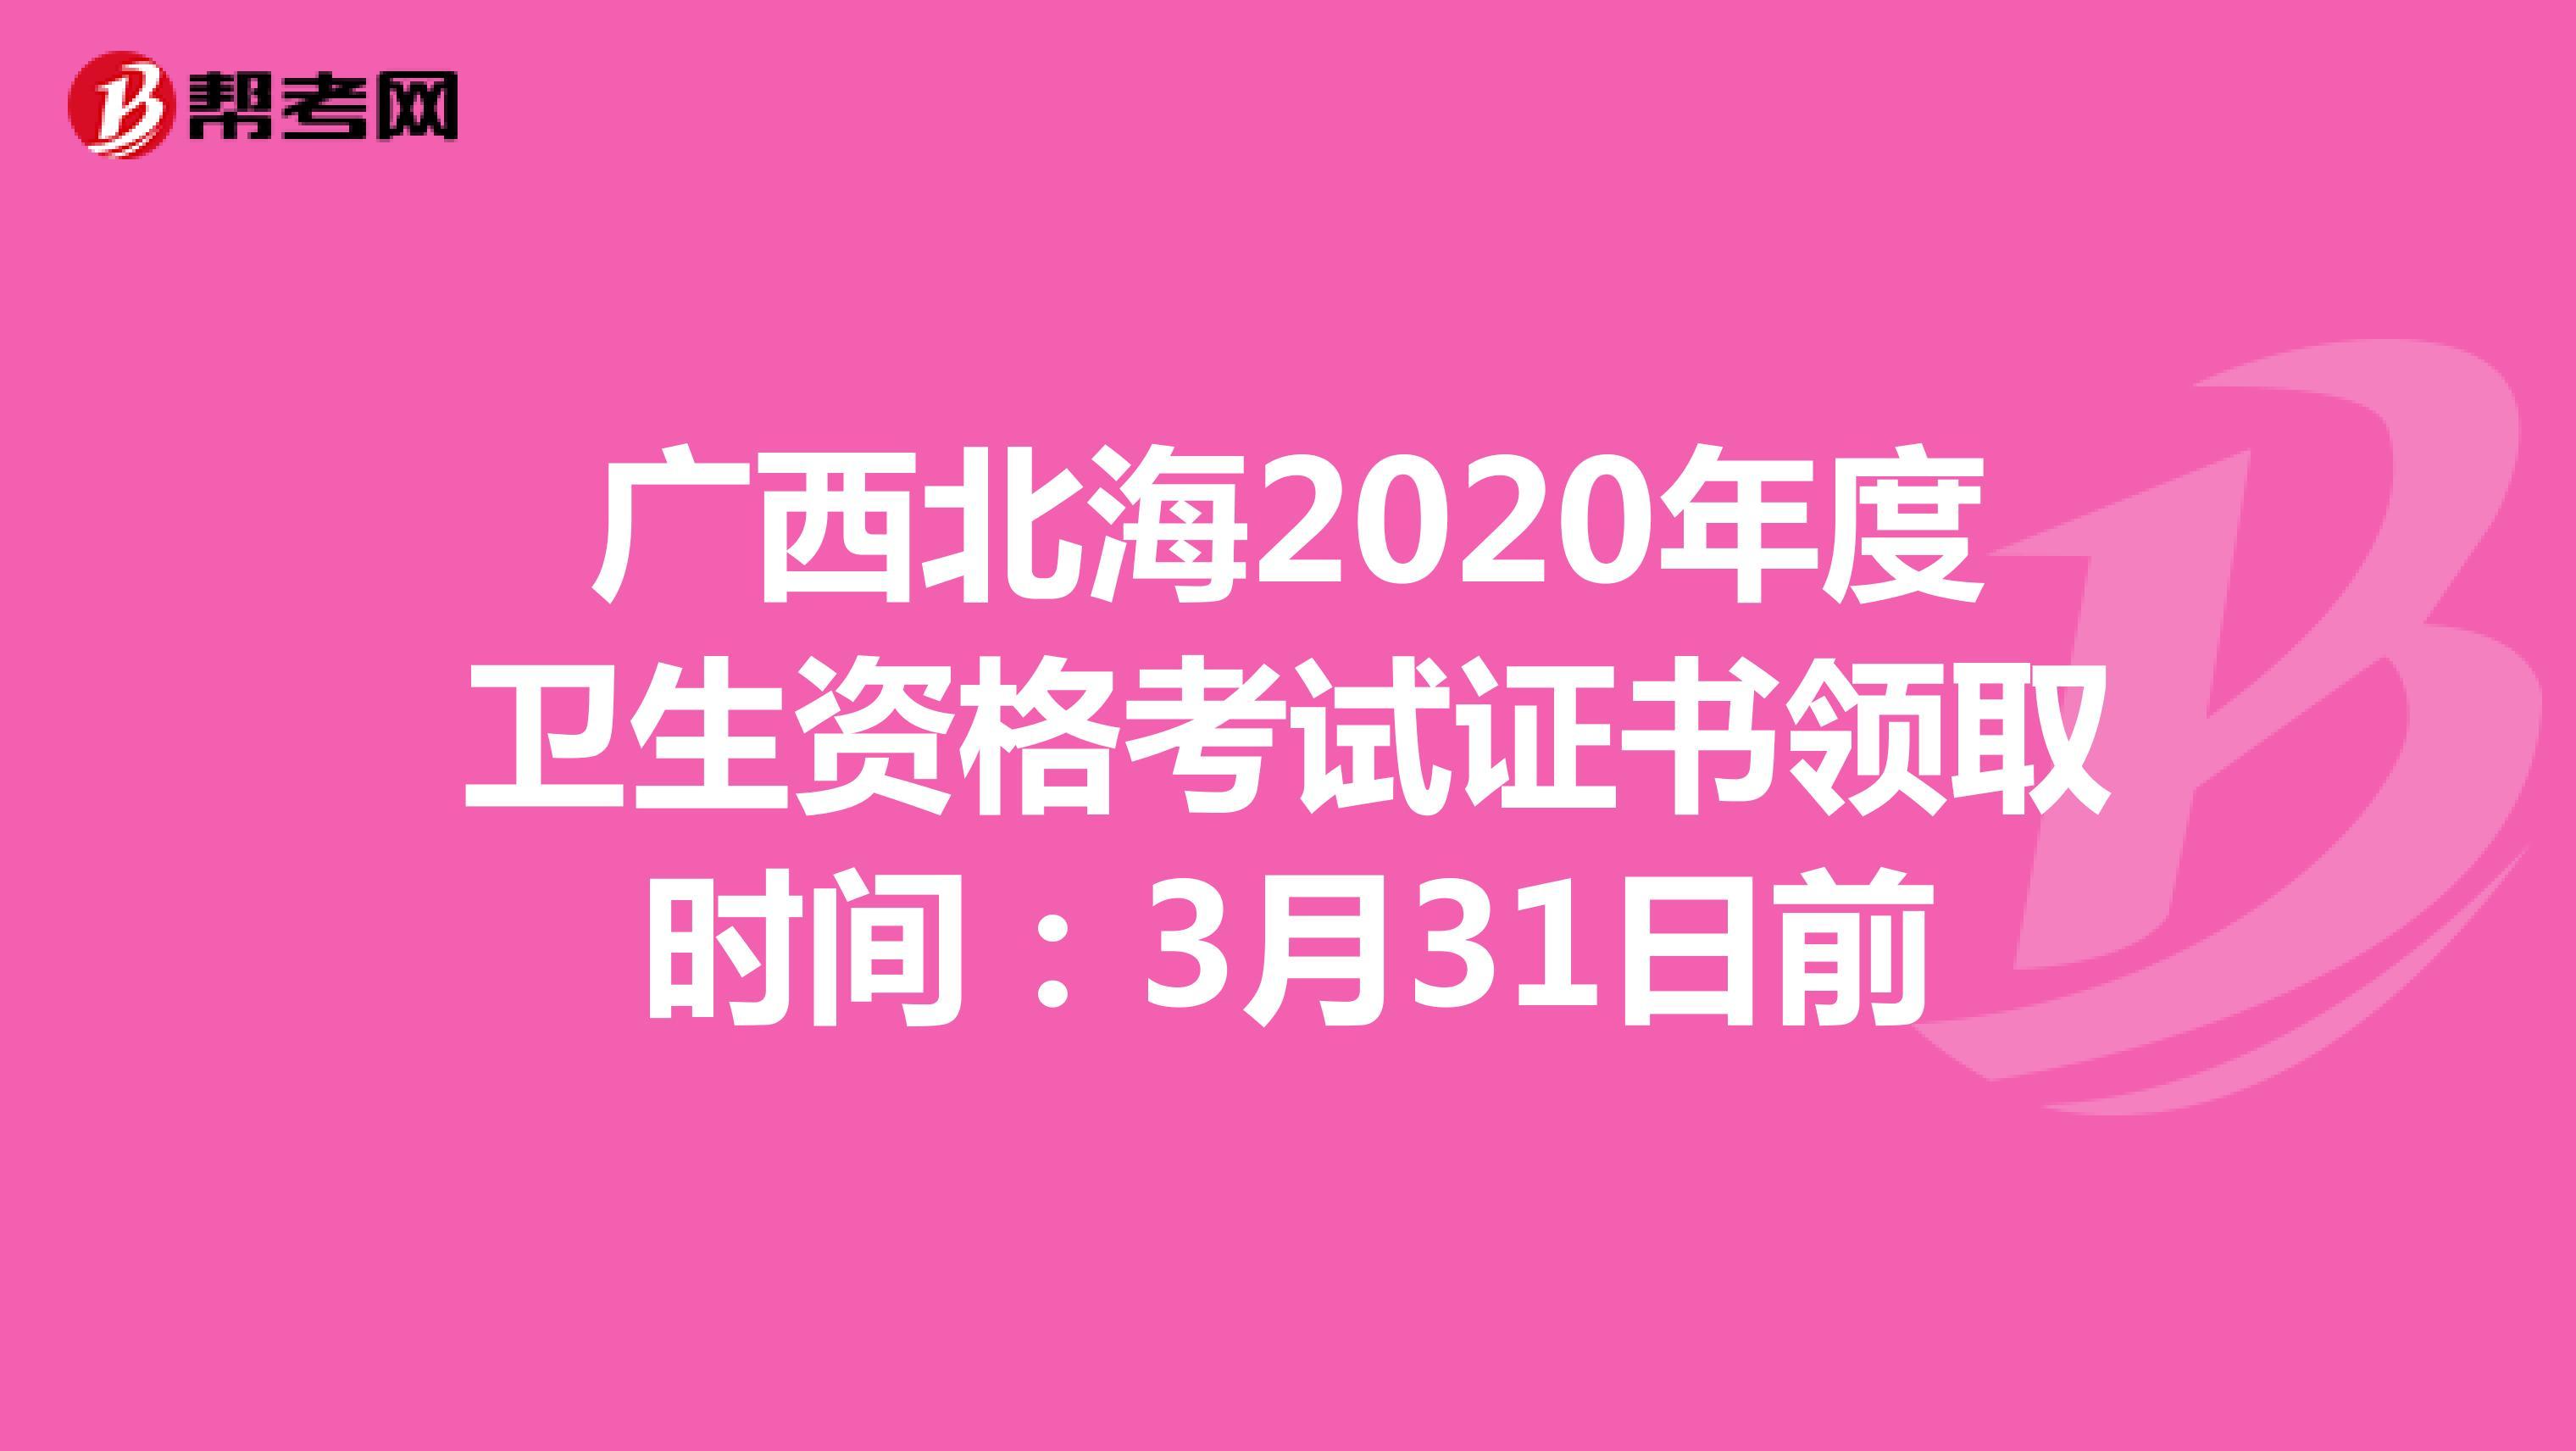 广西北海2020年度卫生资格考试证书领取时间:3月31日前